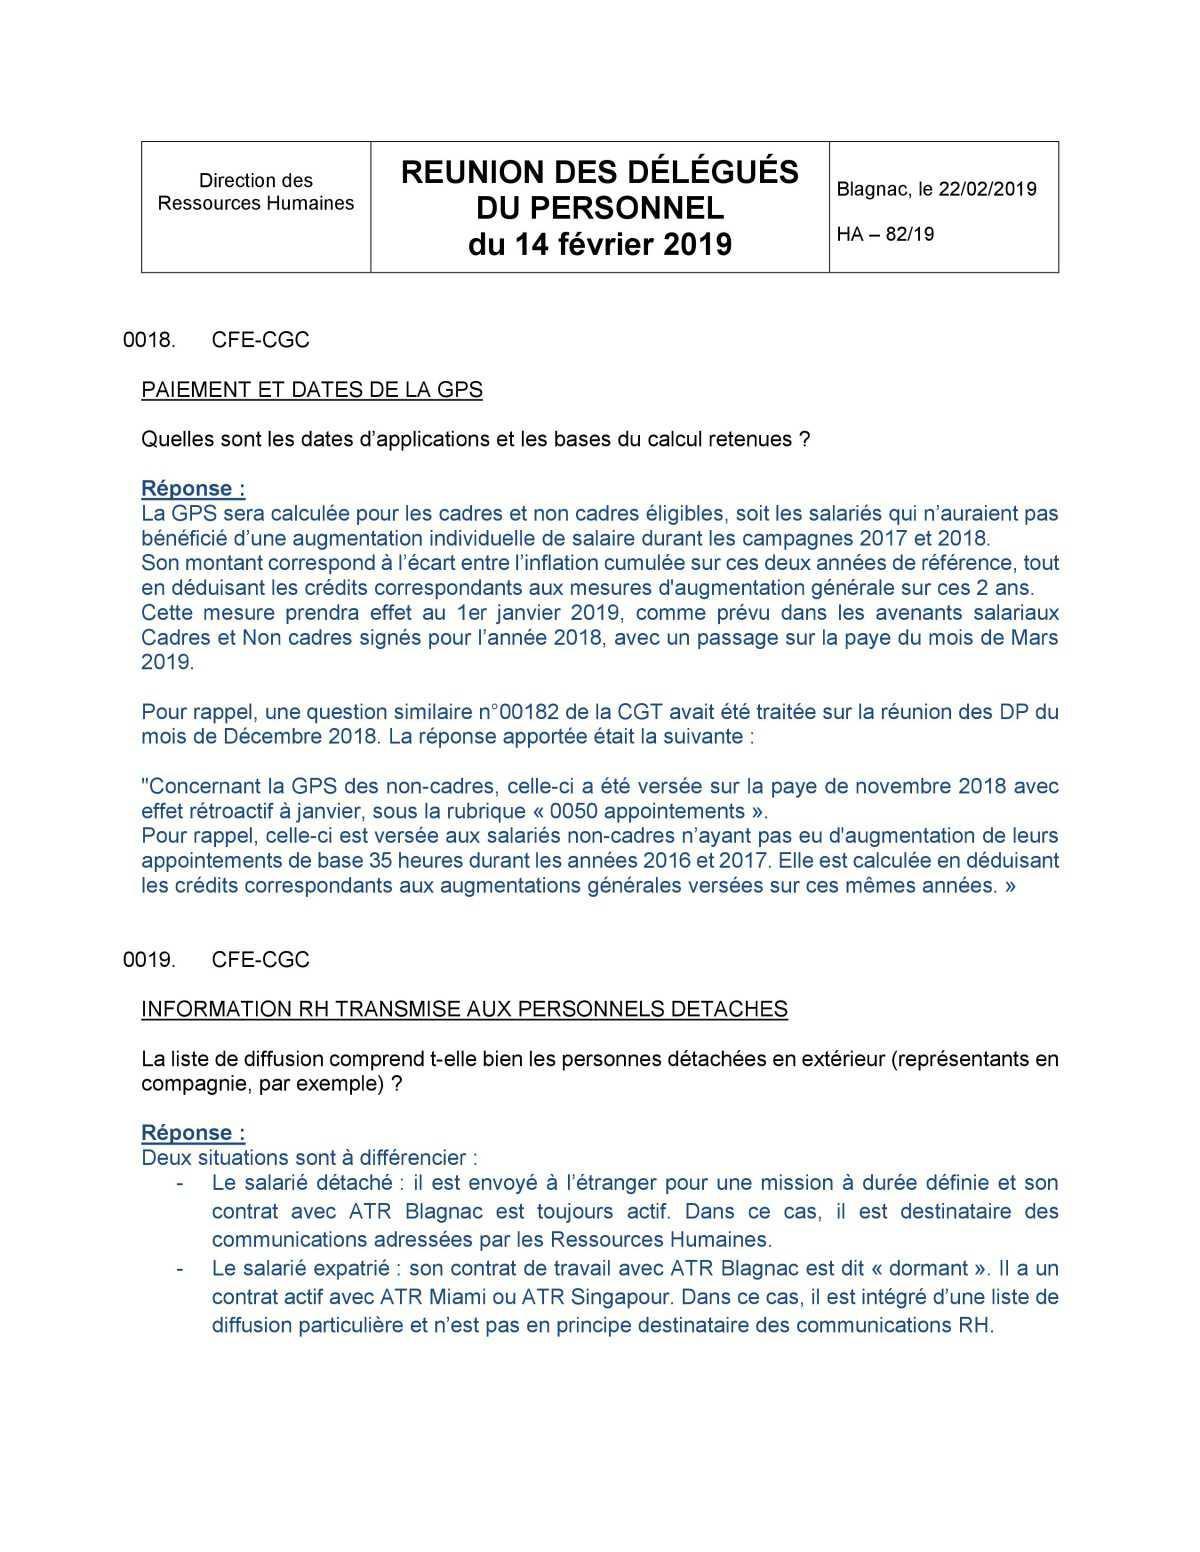 CR Délégués du Personnel février 2019